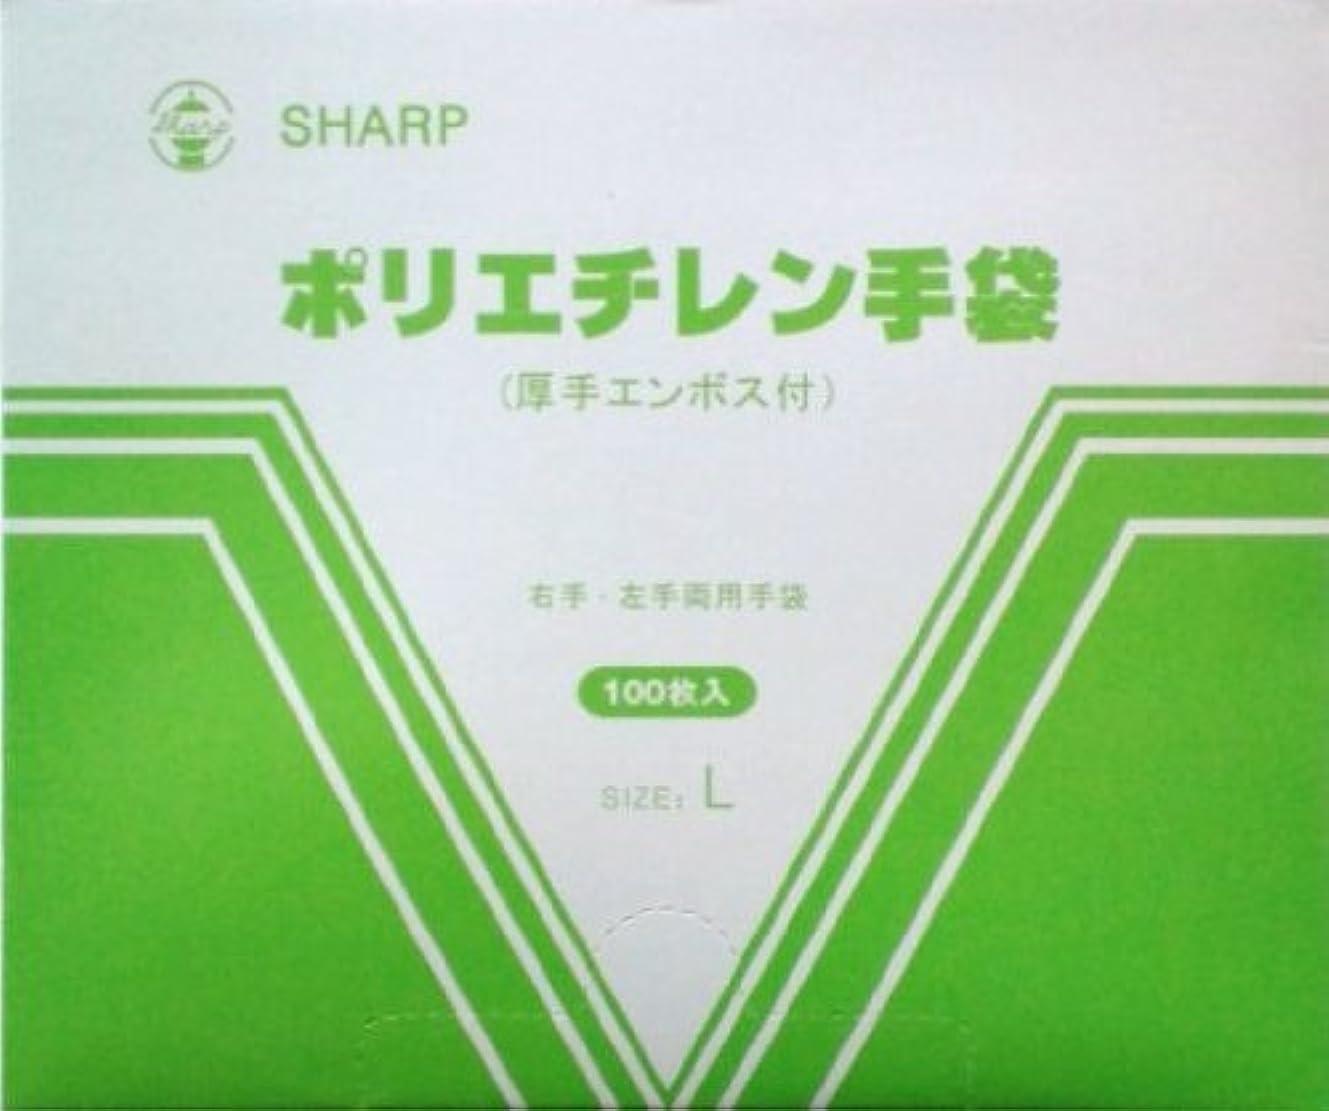 販売計画レビュアー落とし穴新鋭工業 SHARP ポリエチレン手袋 左右兼用100枚入り Lサイズ 100枚入り